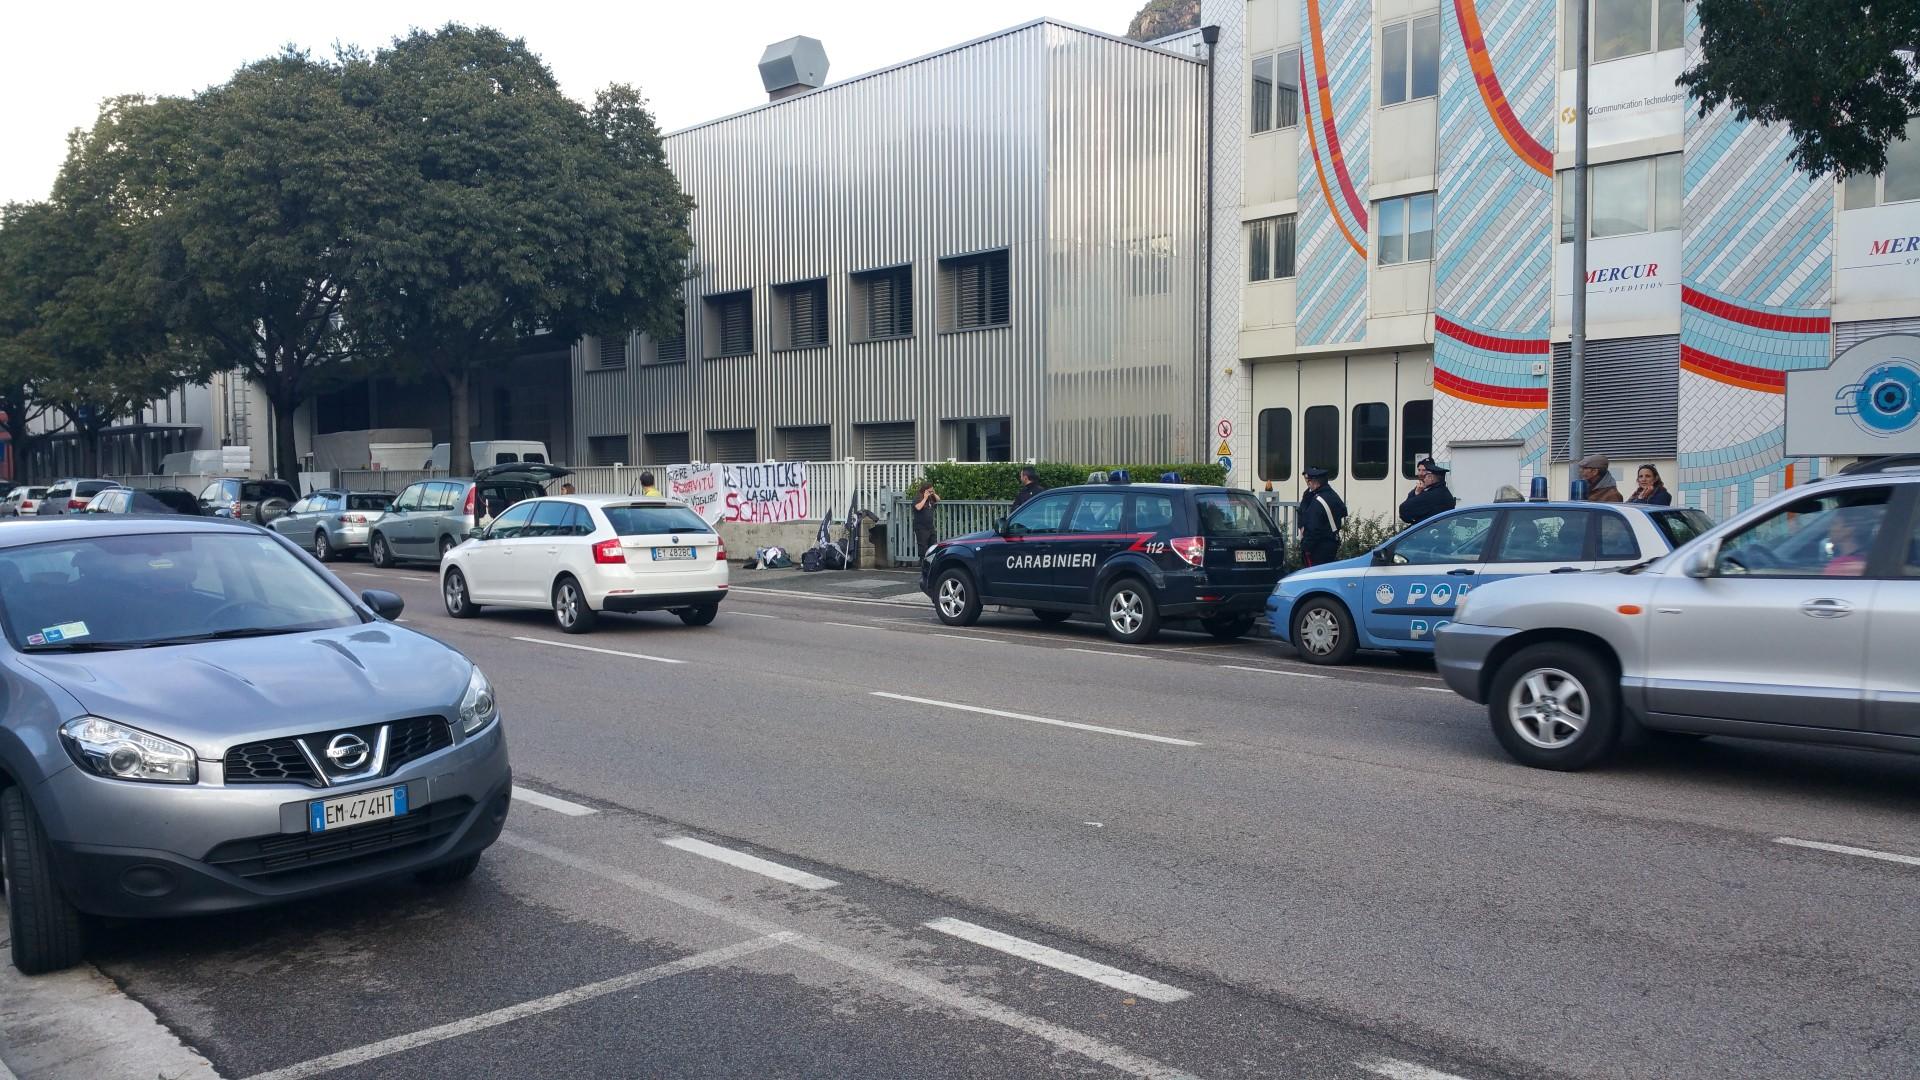 20161015 160616 - Fronte animalista Bolzano - Manifestazione Porte aperte 10 anni della casa della zootecnia